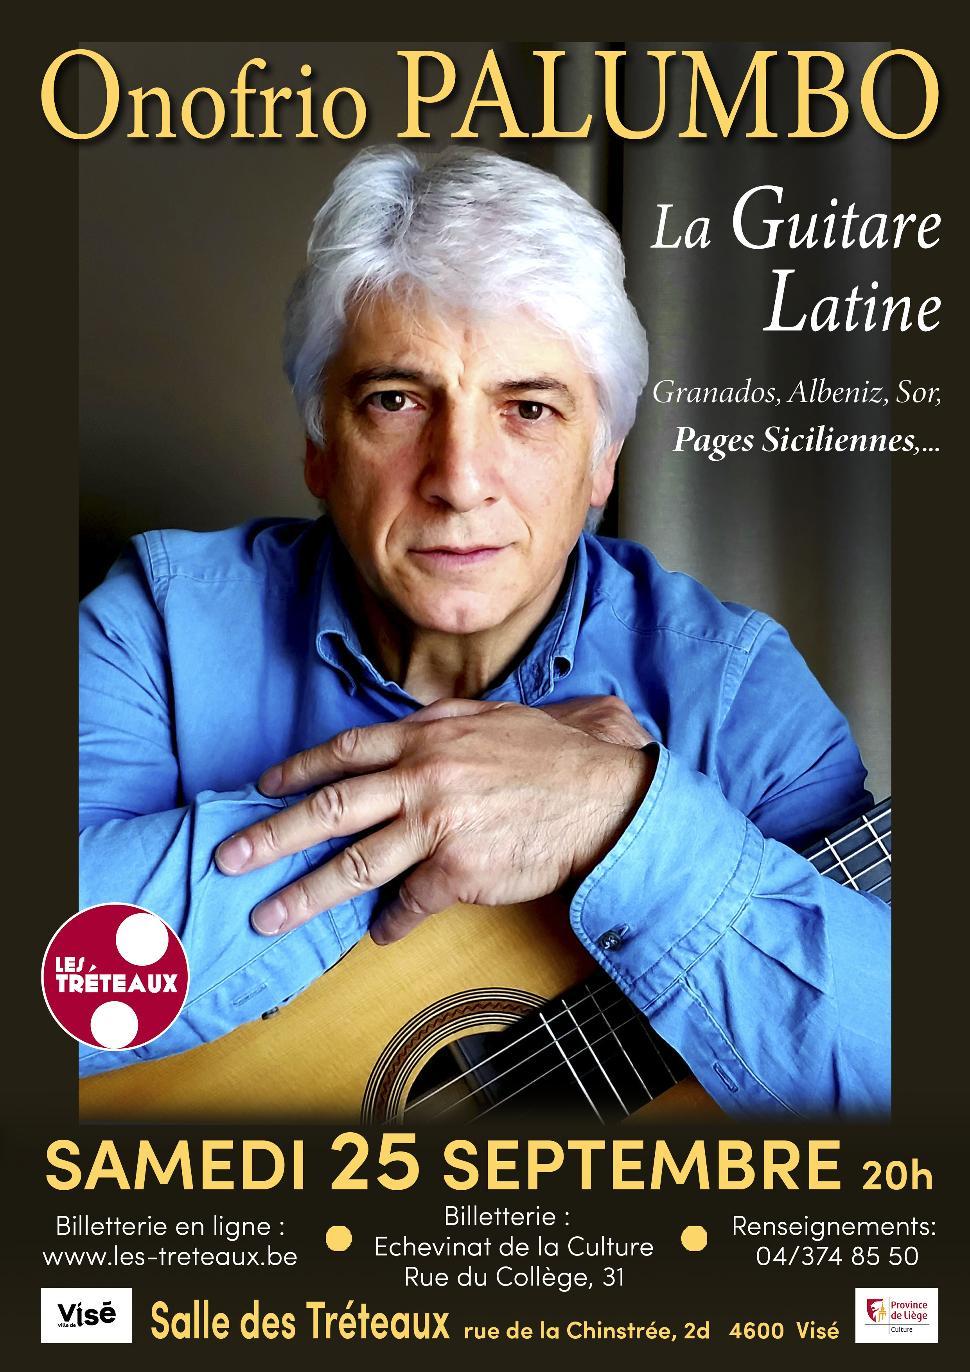 Récital de guitare Onofrio Palumbo ©Les Tréteaux 09-2021